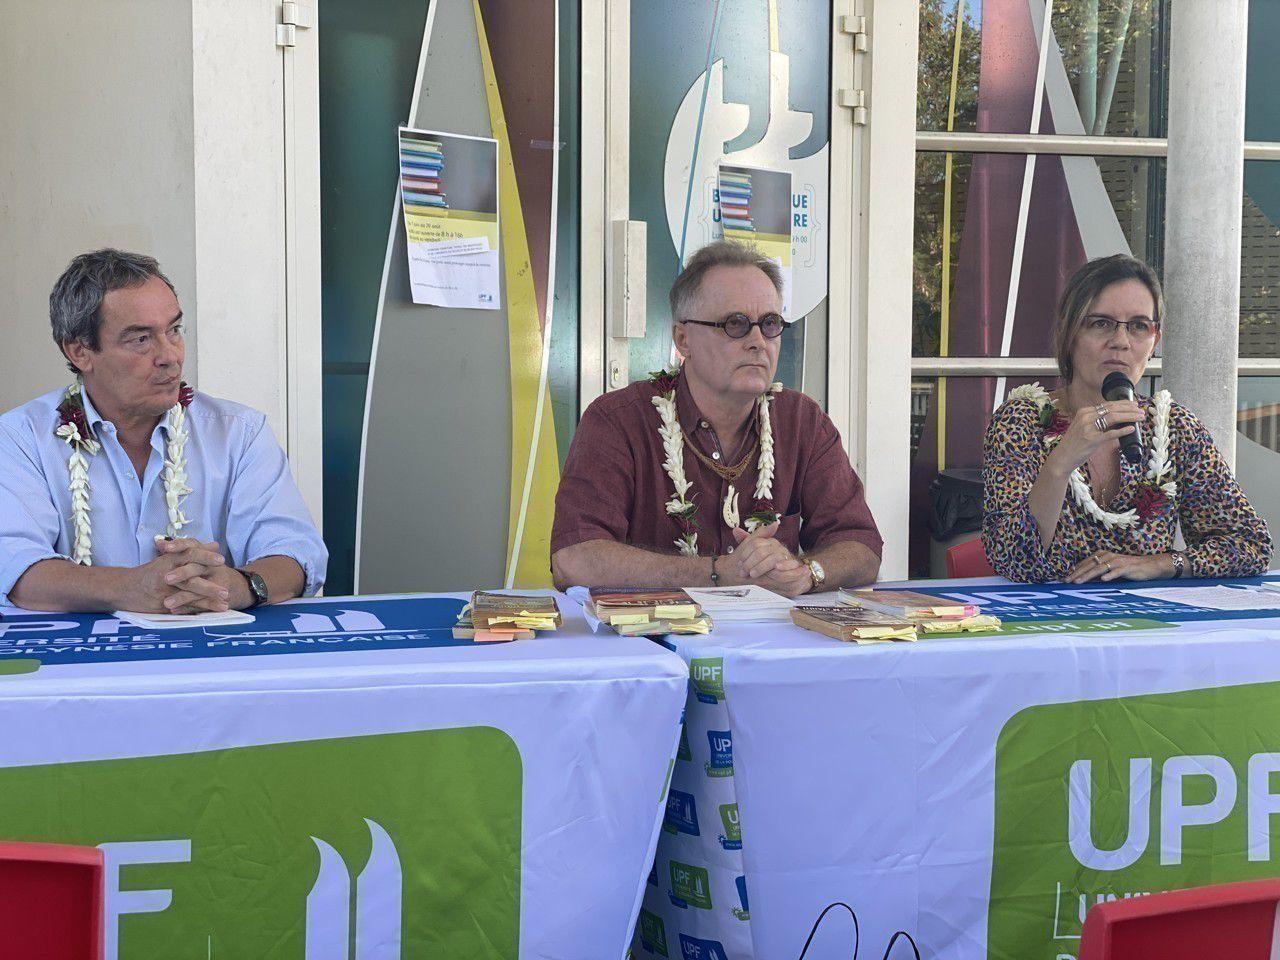 Photographie : la Dépêche de Tahiti